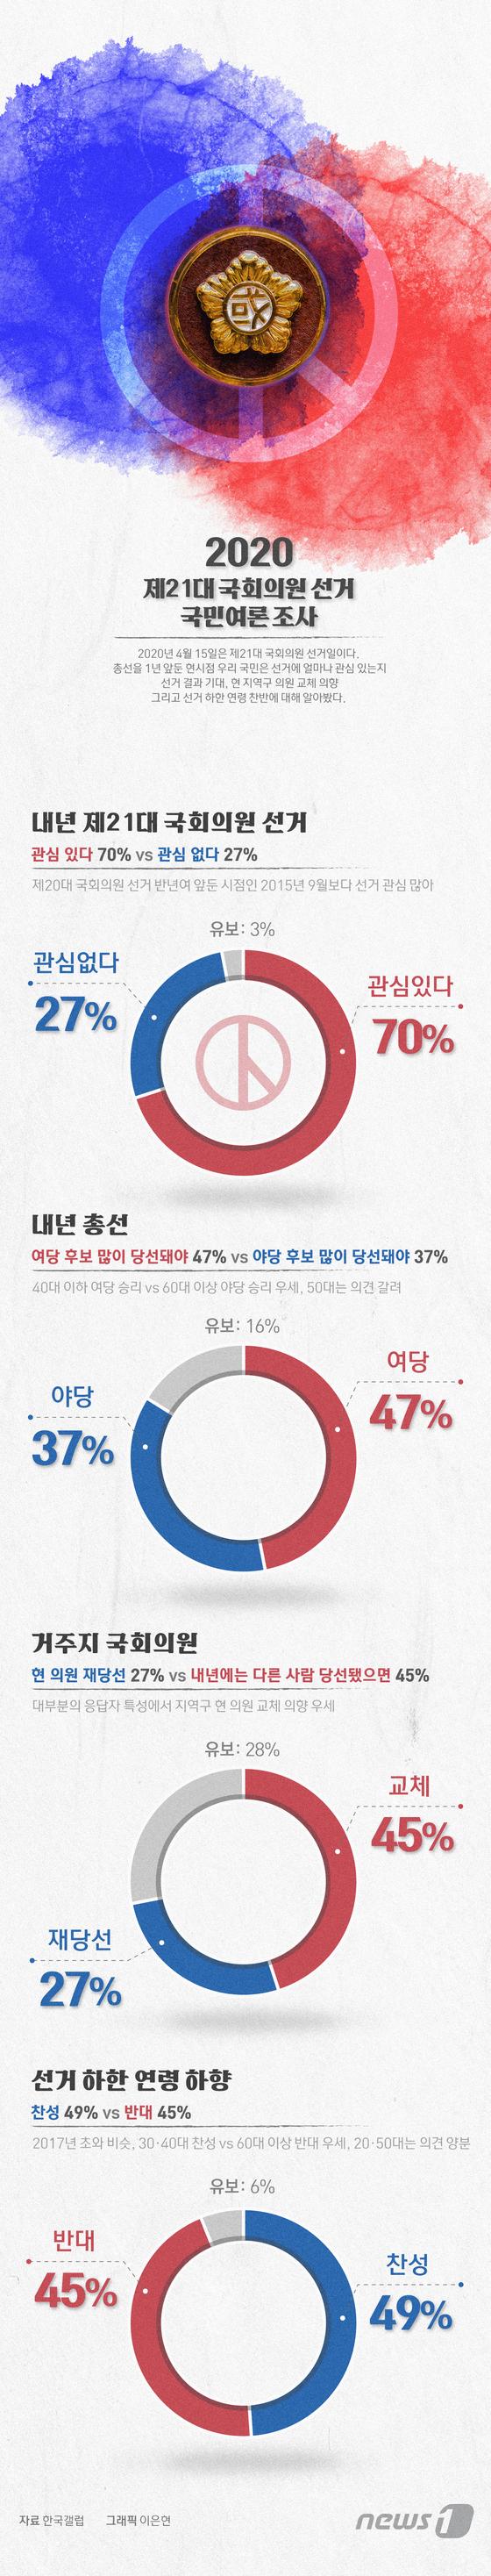 [그래픽뉴스] 제21대 국회의원선거 국민여론 조사